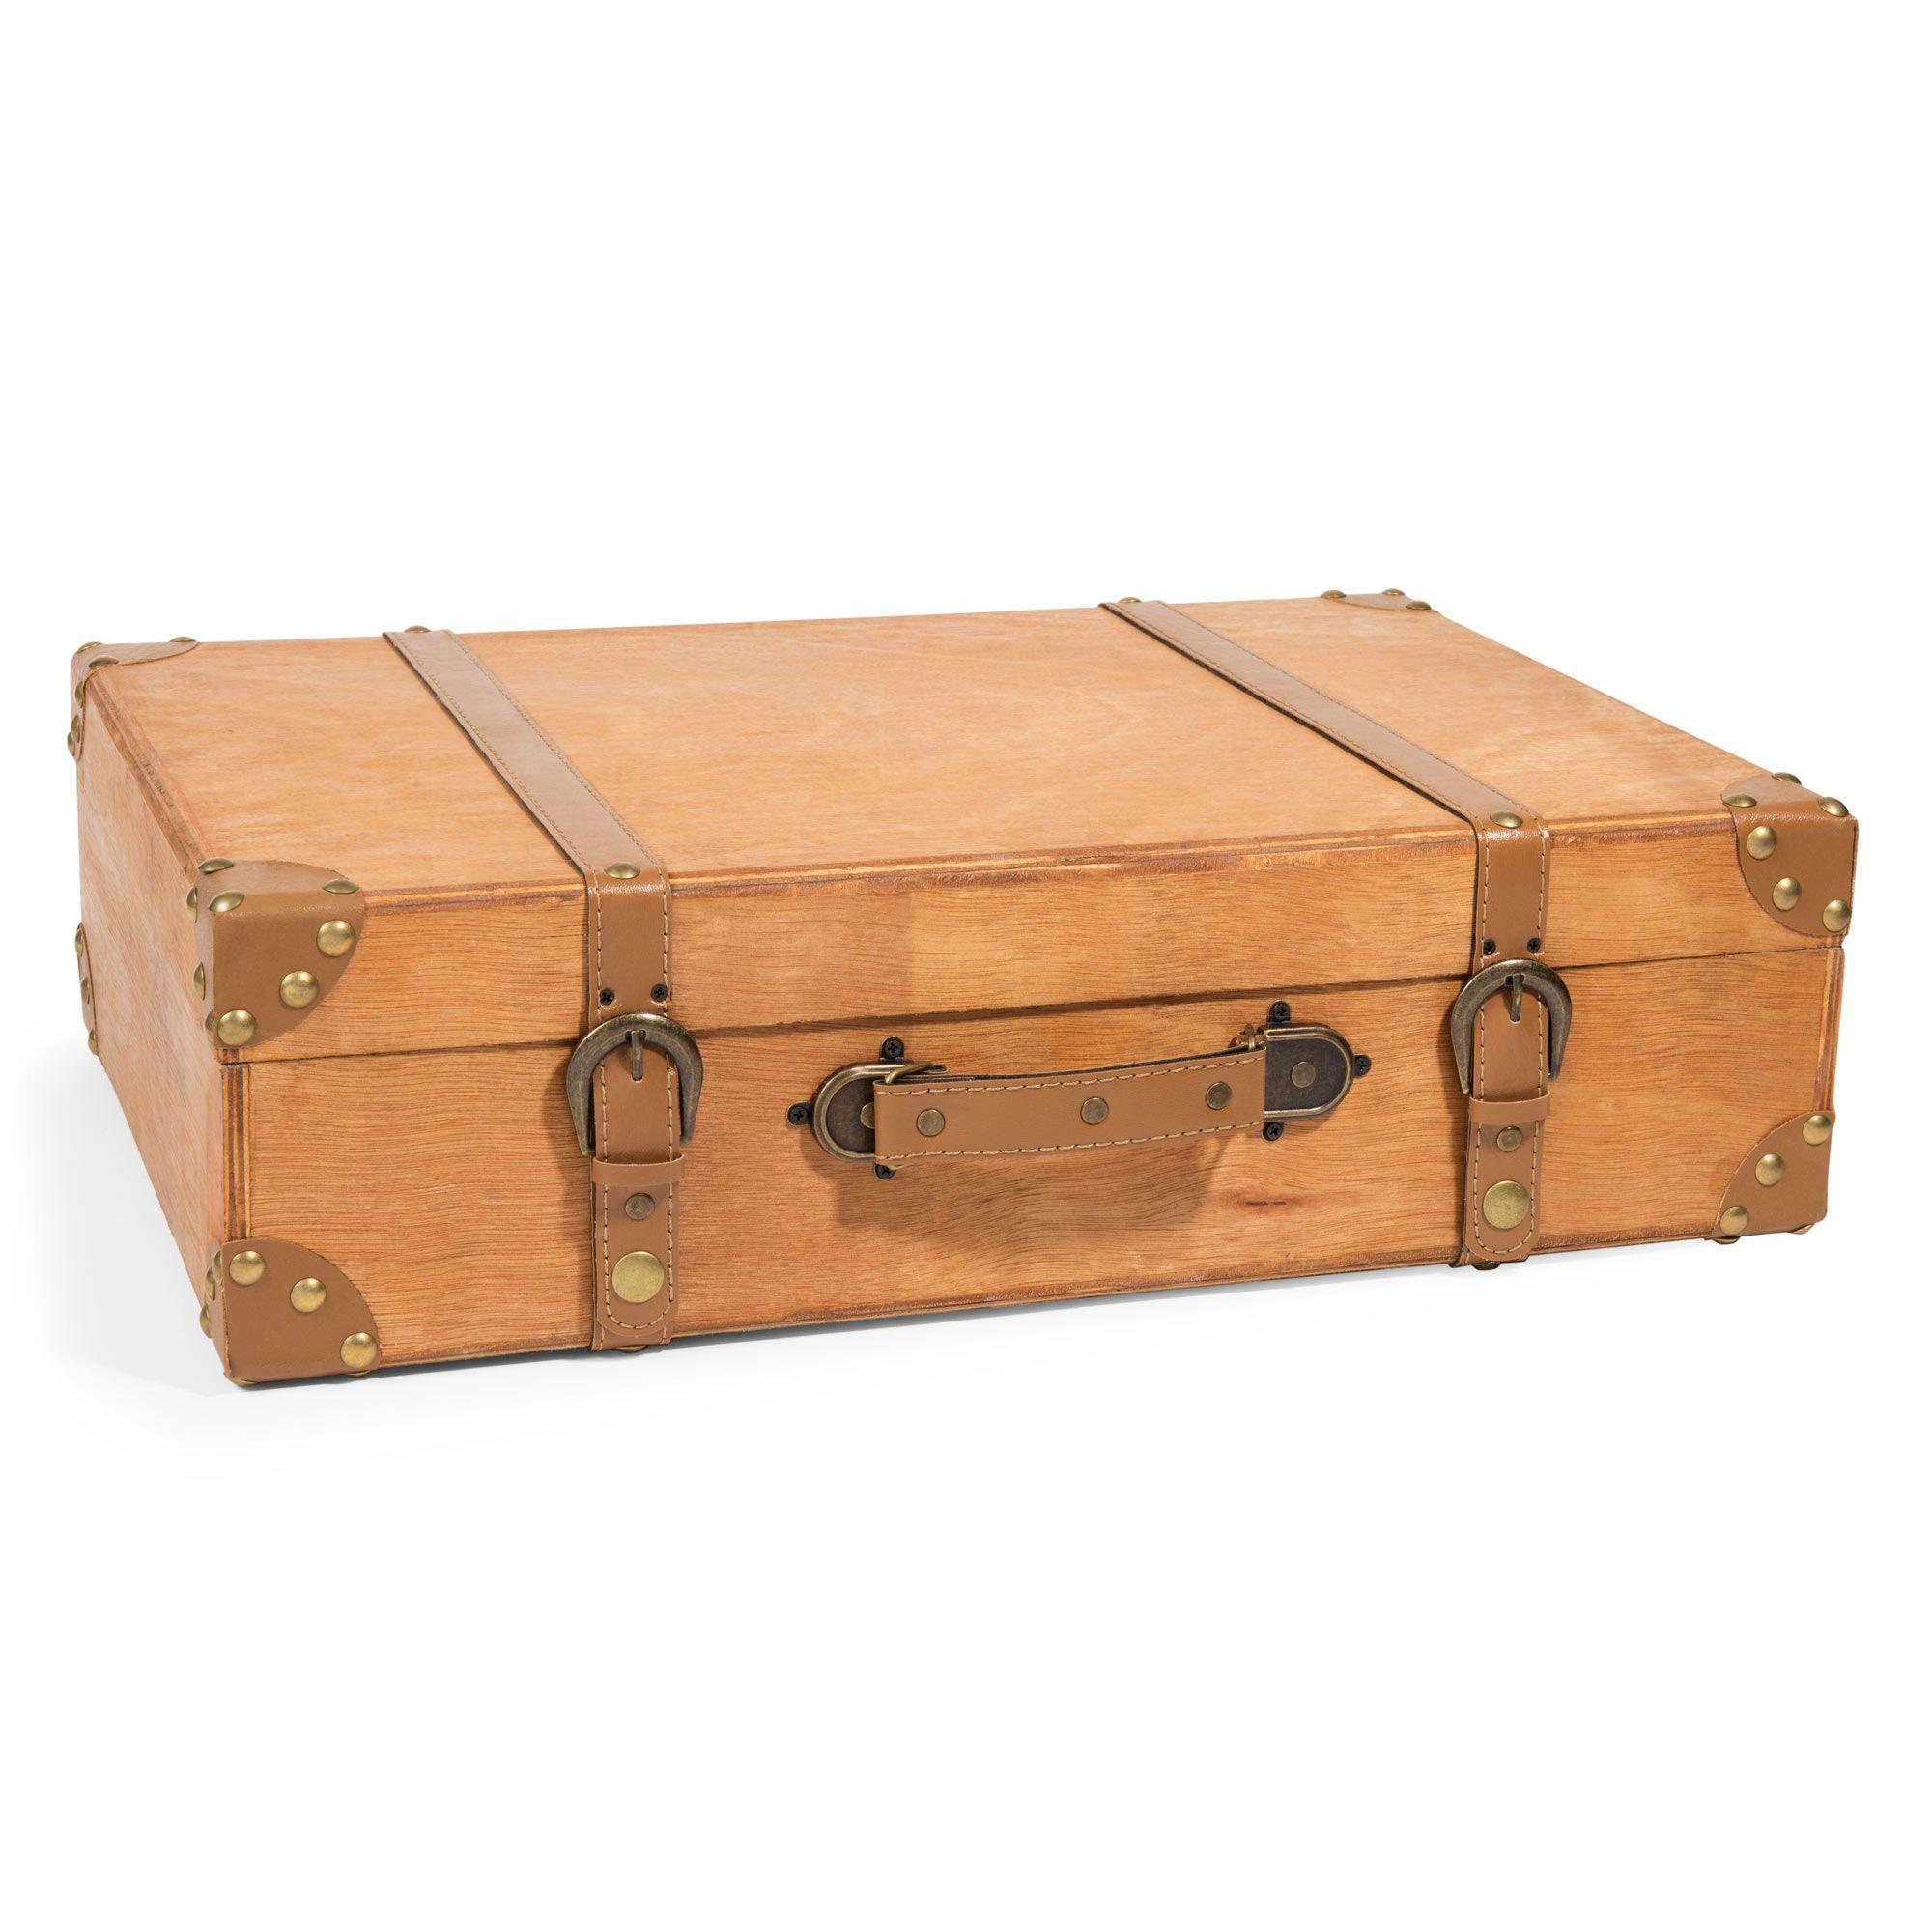 valise en bois Valise en bois 33 x 50 cm FOREST